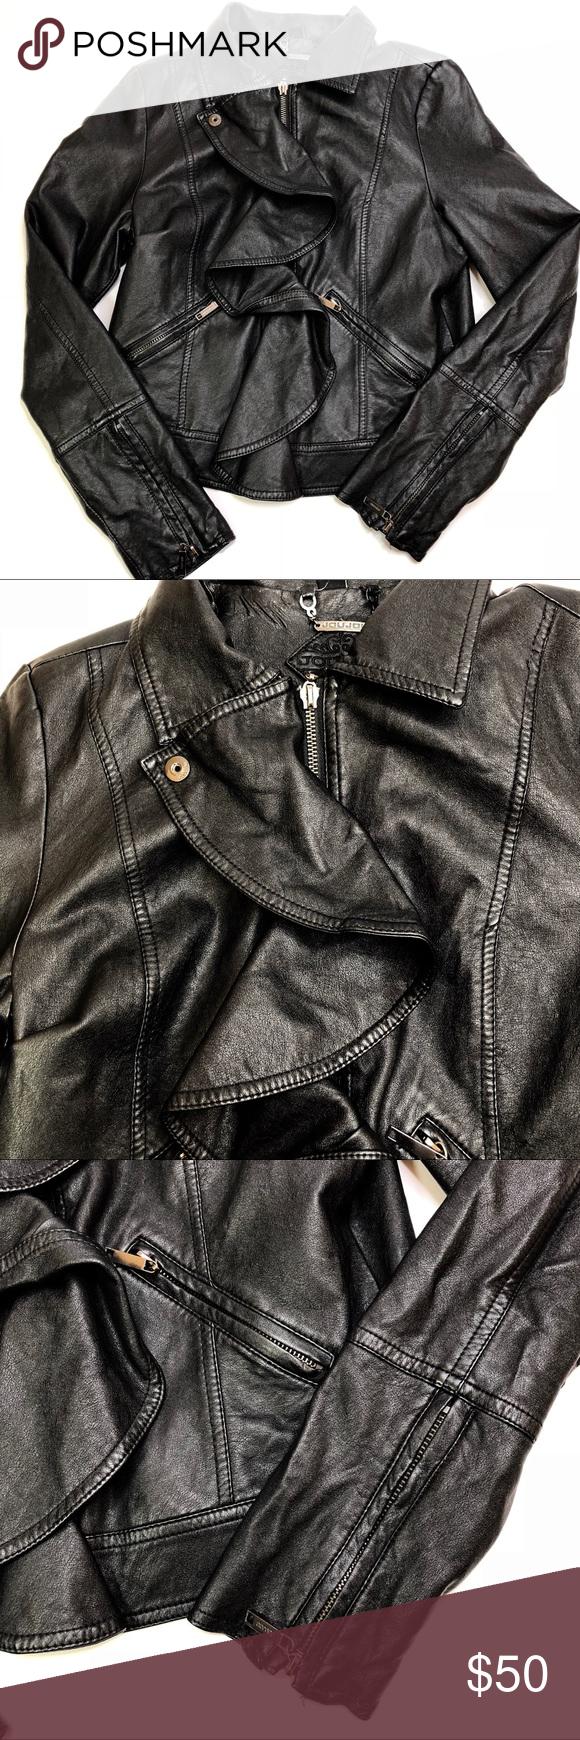 Jou Jou Faux Leather Black Ruffle Moto Jacket Med